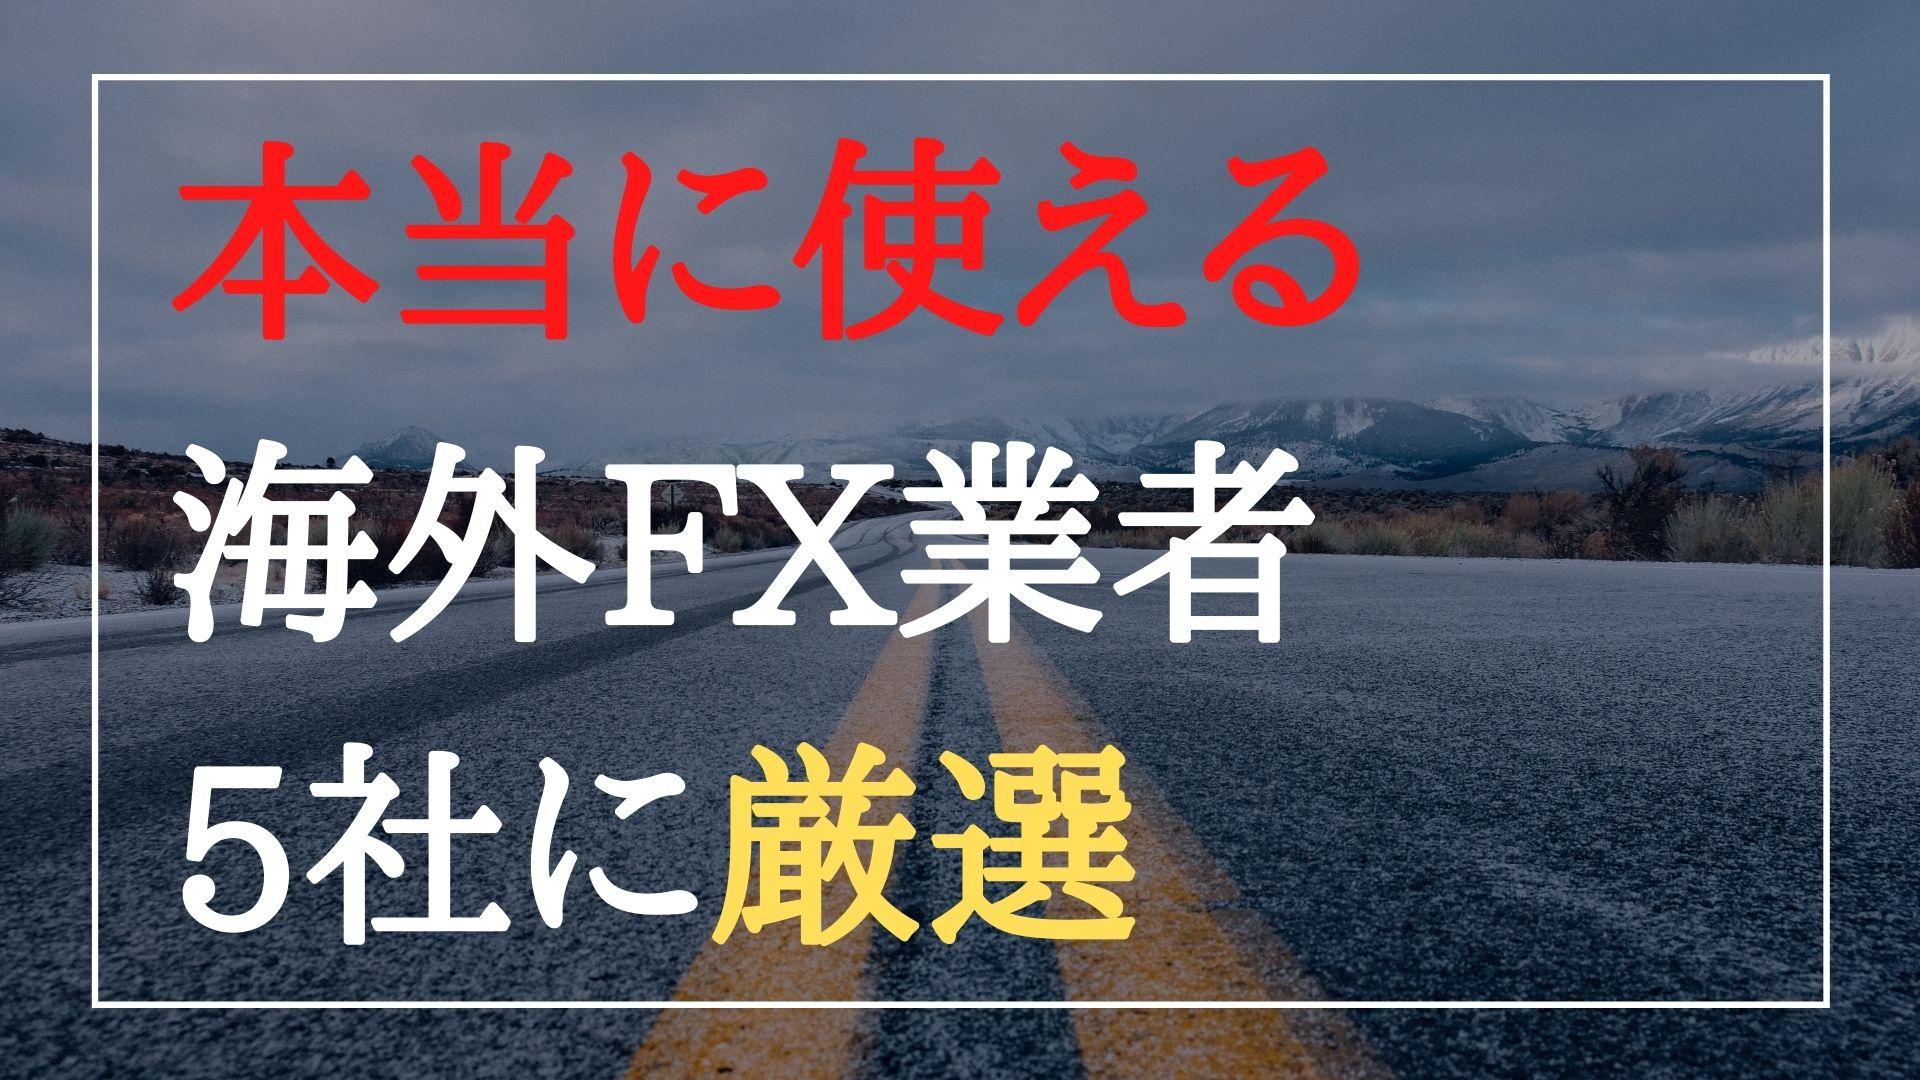 kaigaifx-osusume-2020-title